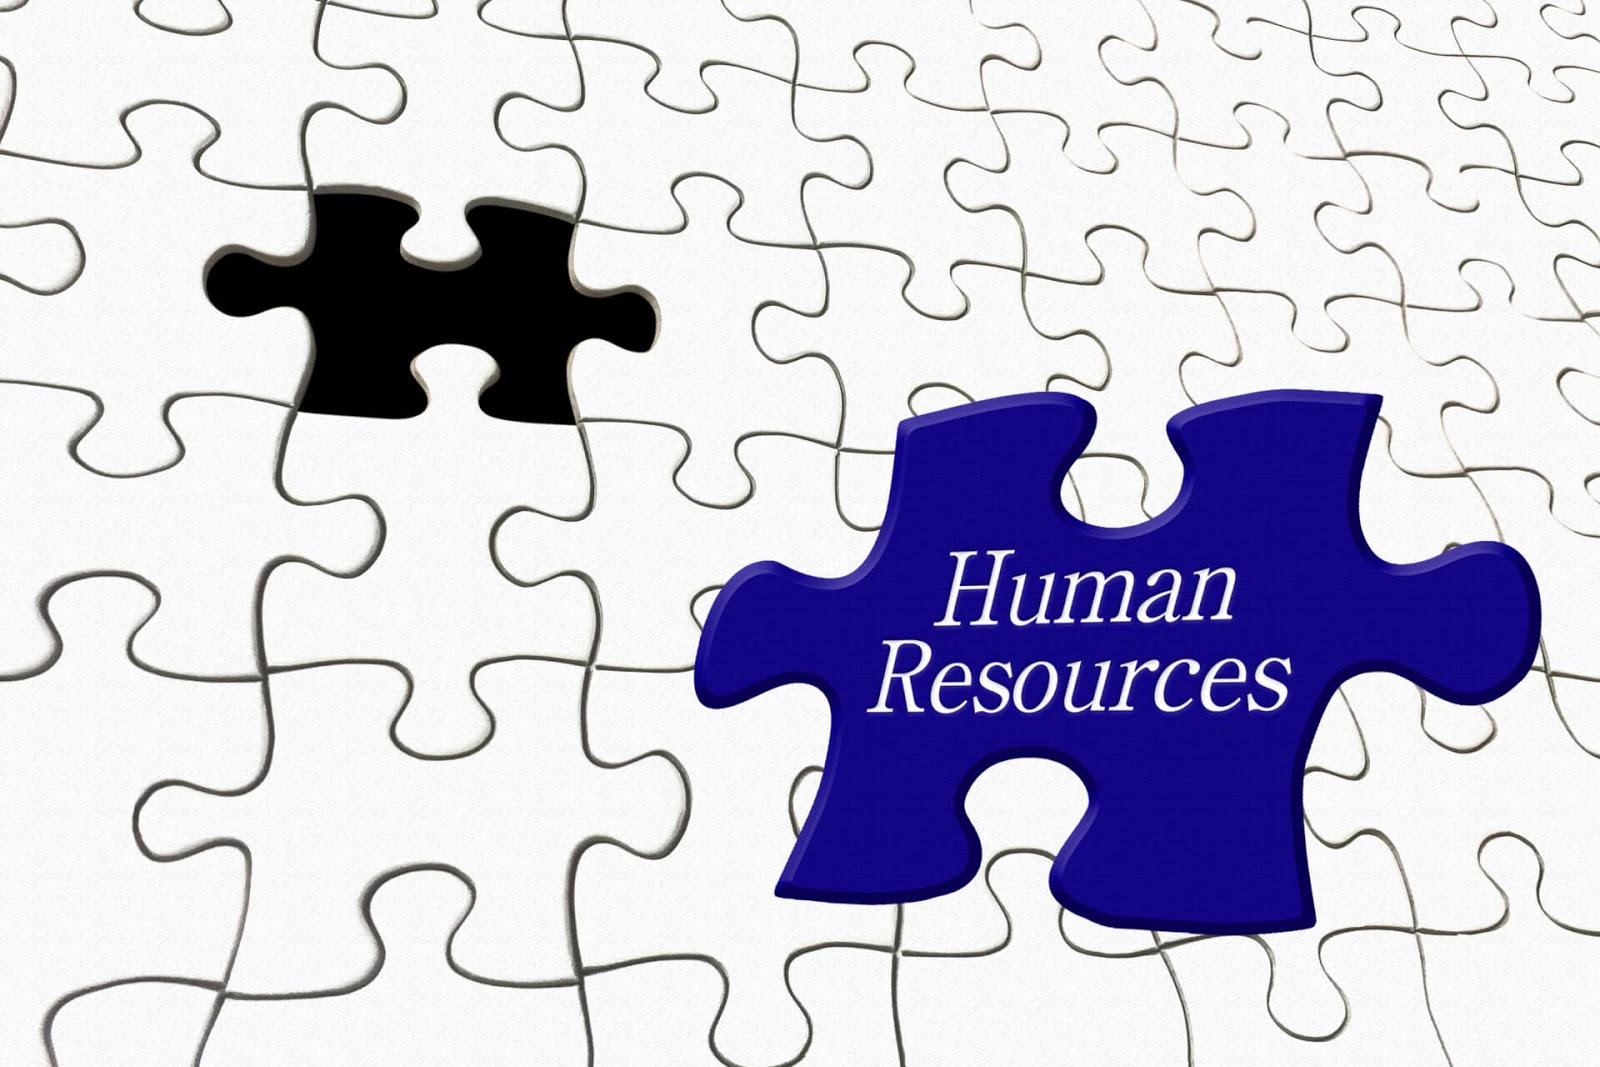 人的資源管理(HRM)とは?企業をより成長させるための仕組みを考える